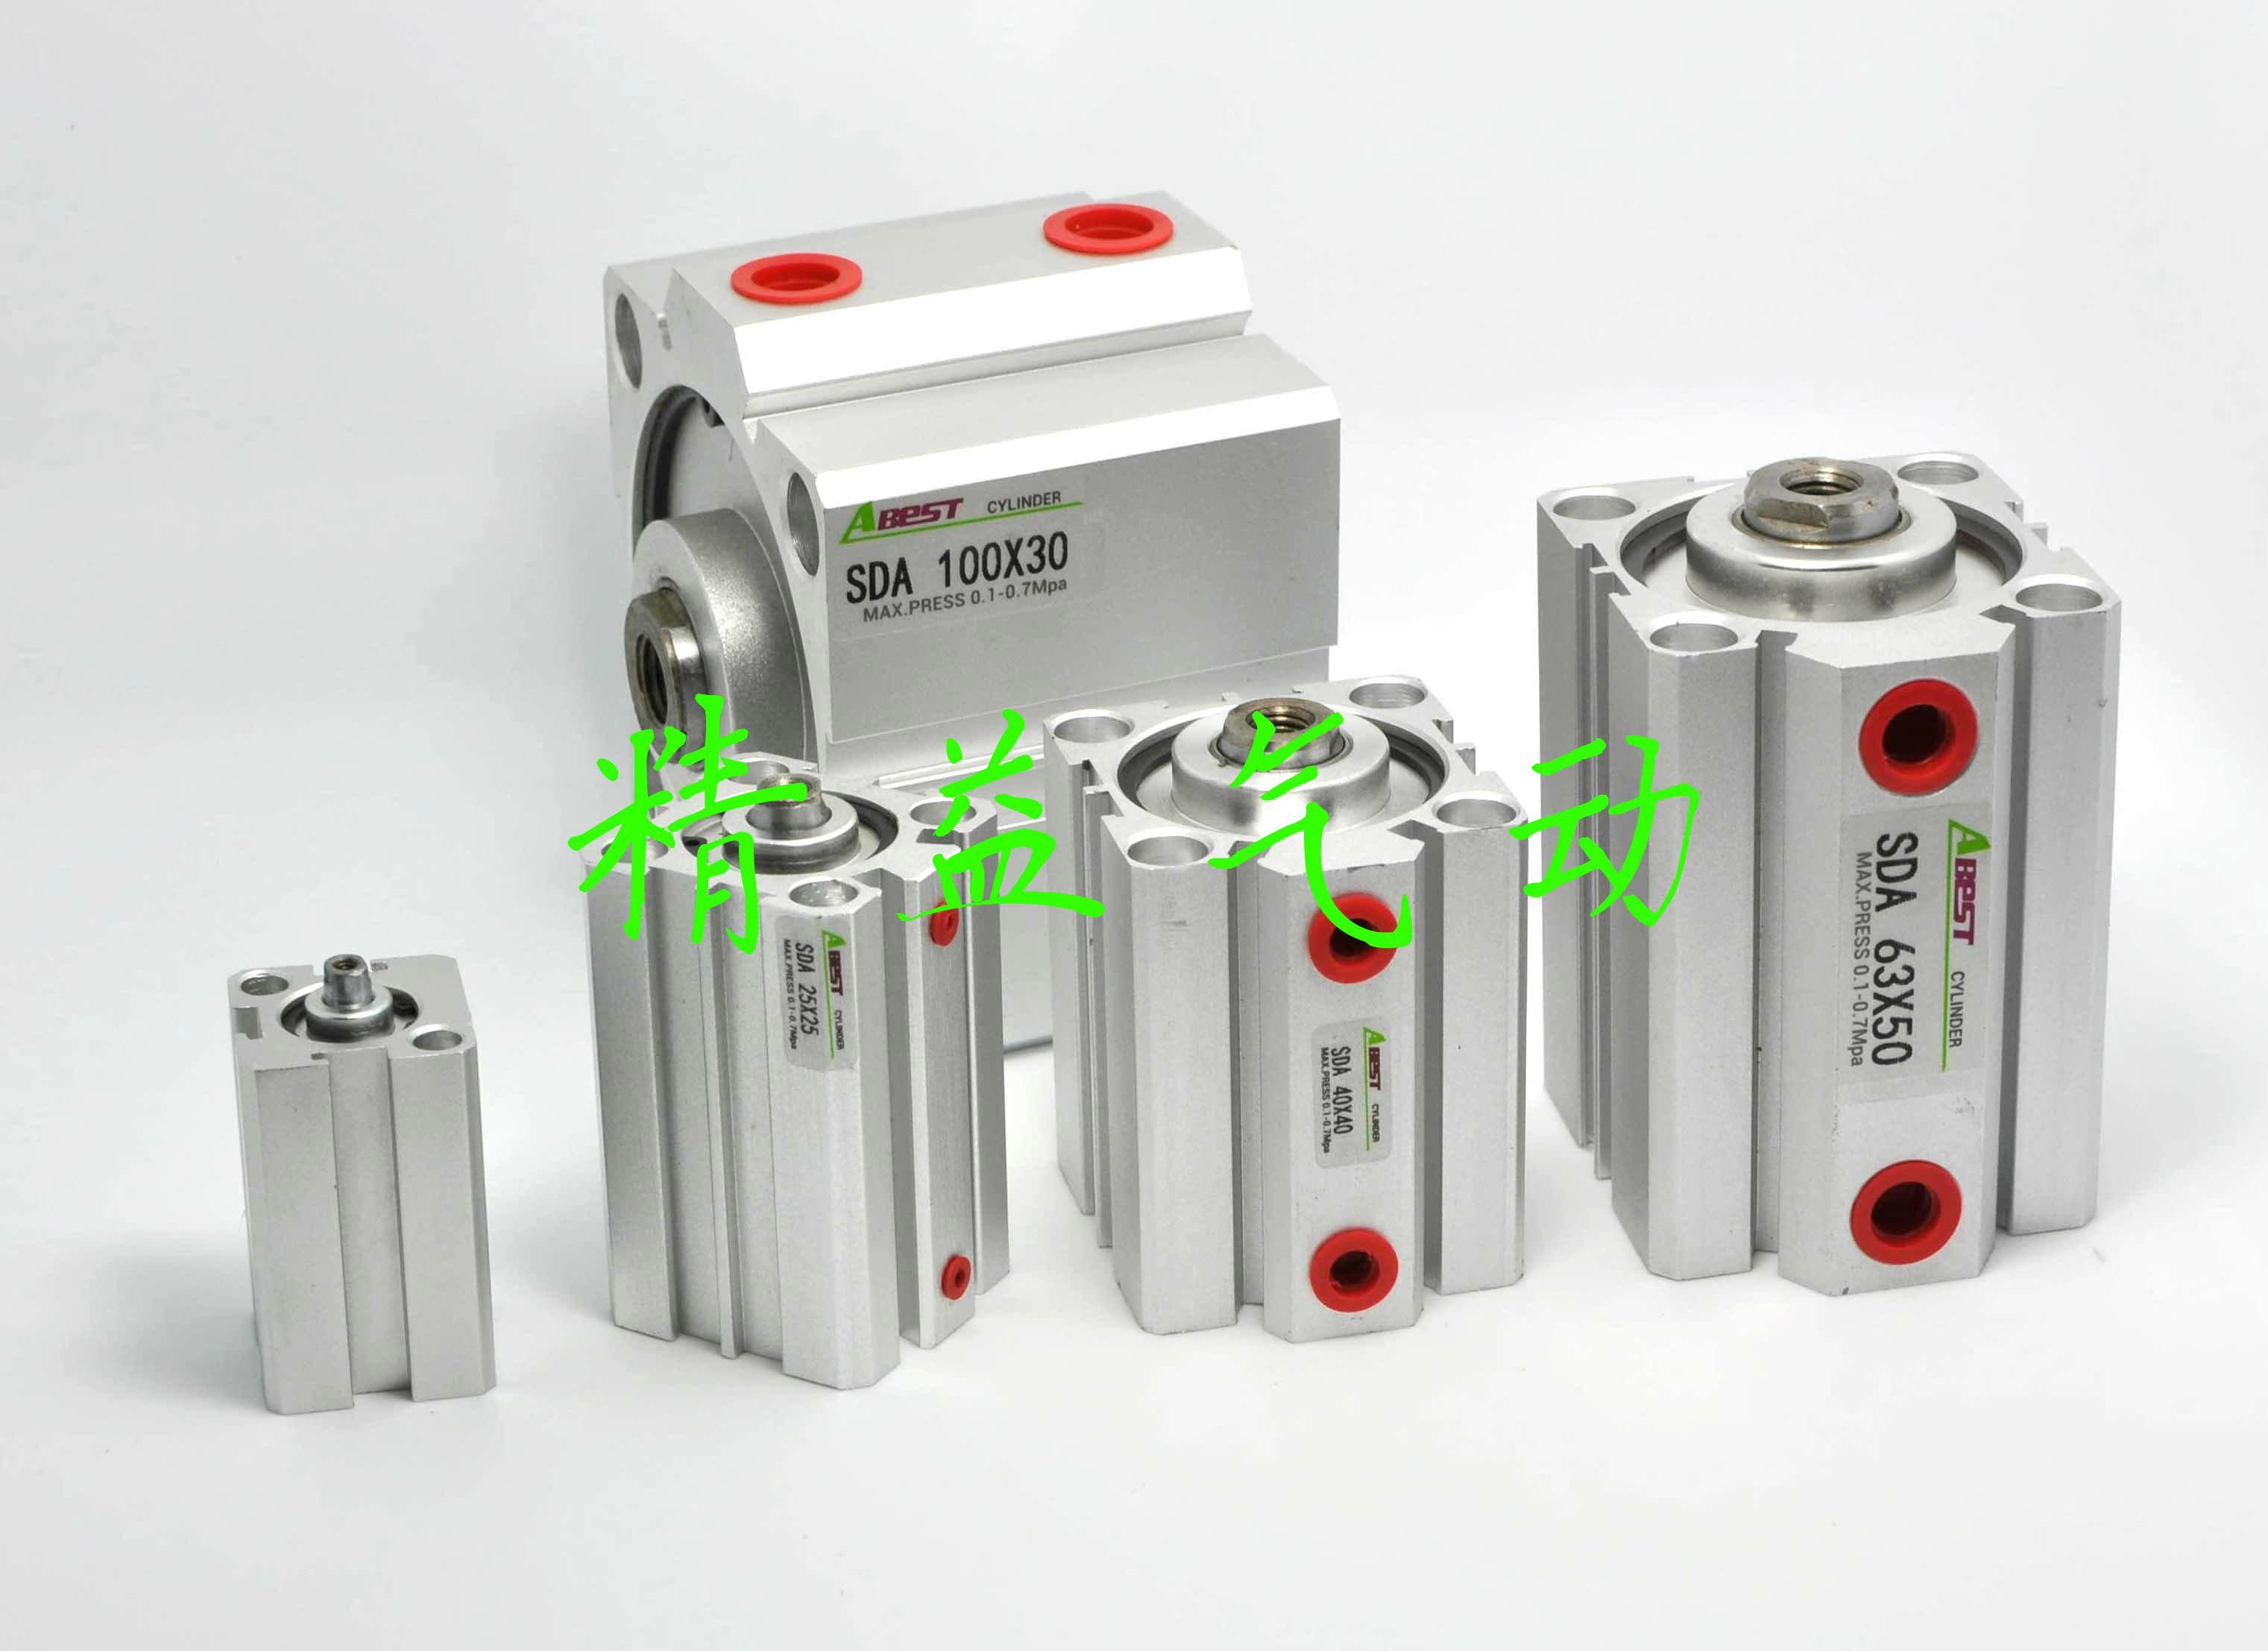 Tiệm bán đồ SDA cylinder 25*30 được đặt ra từ băng SDAD đôi